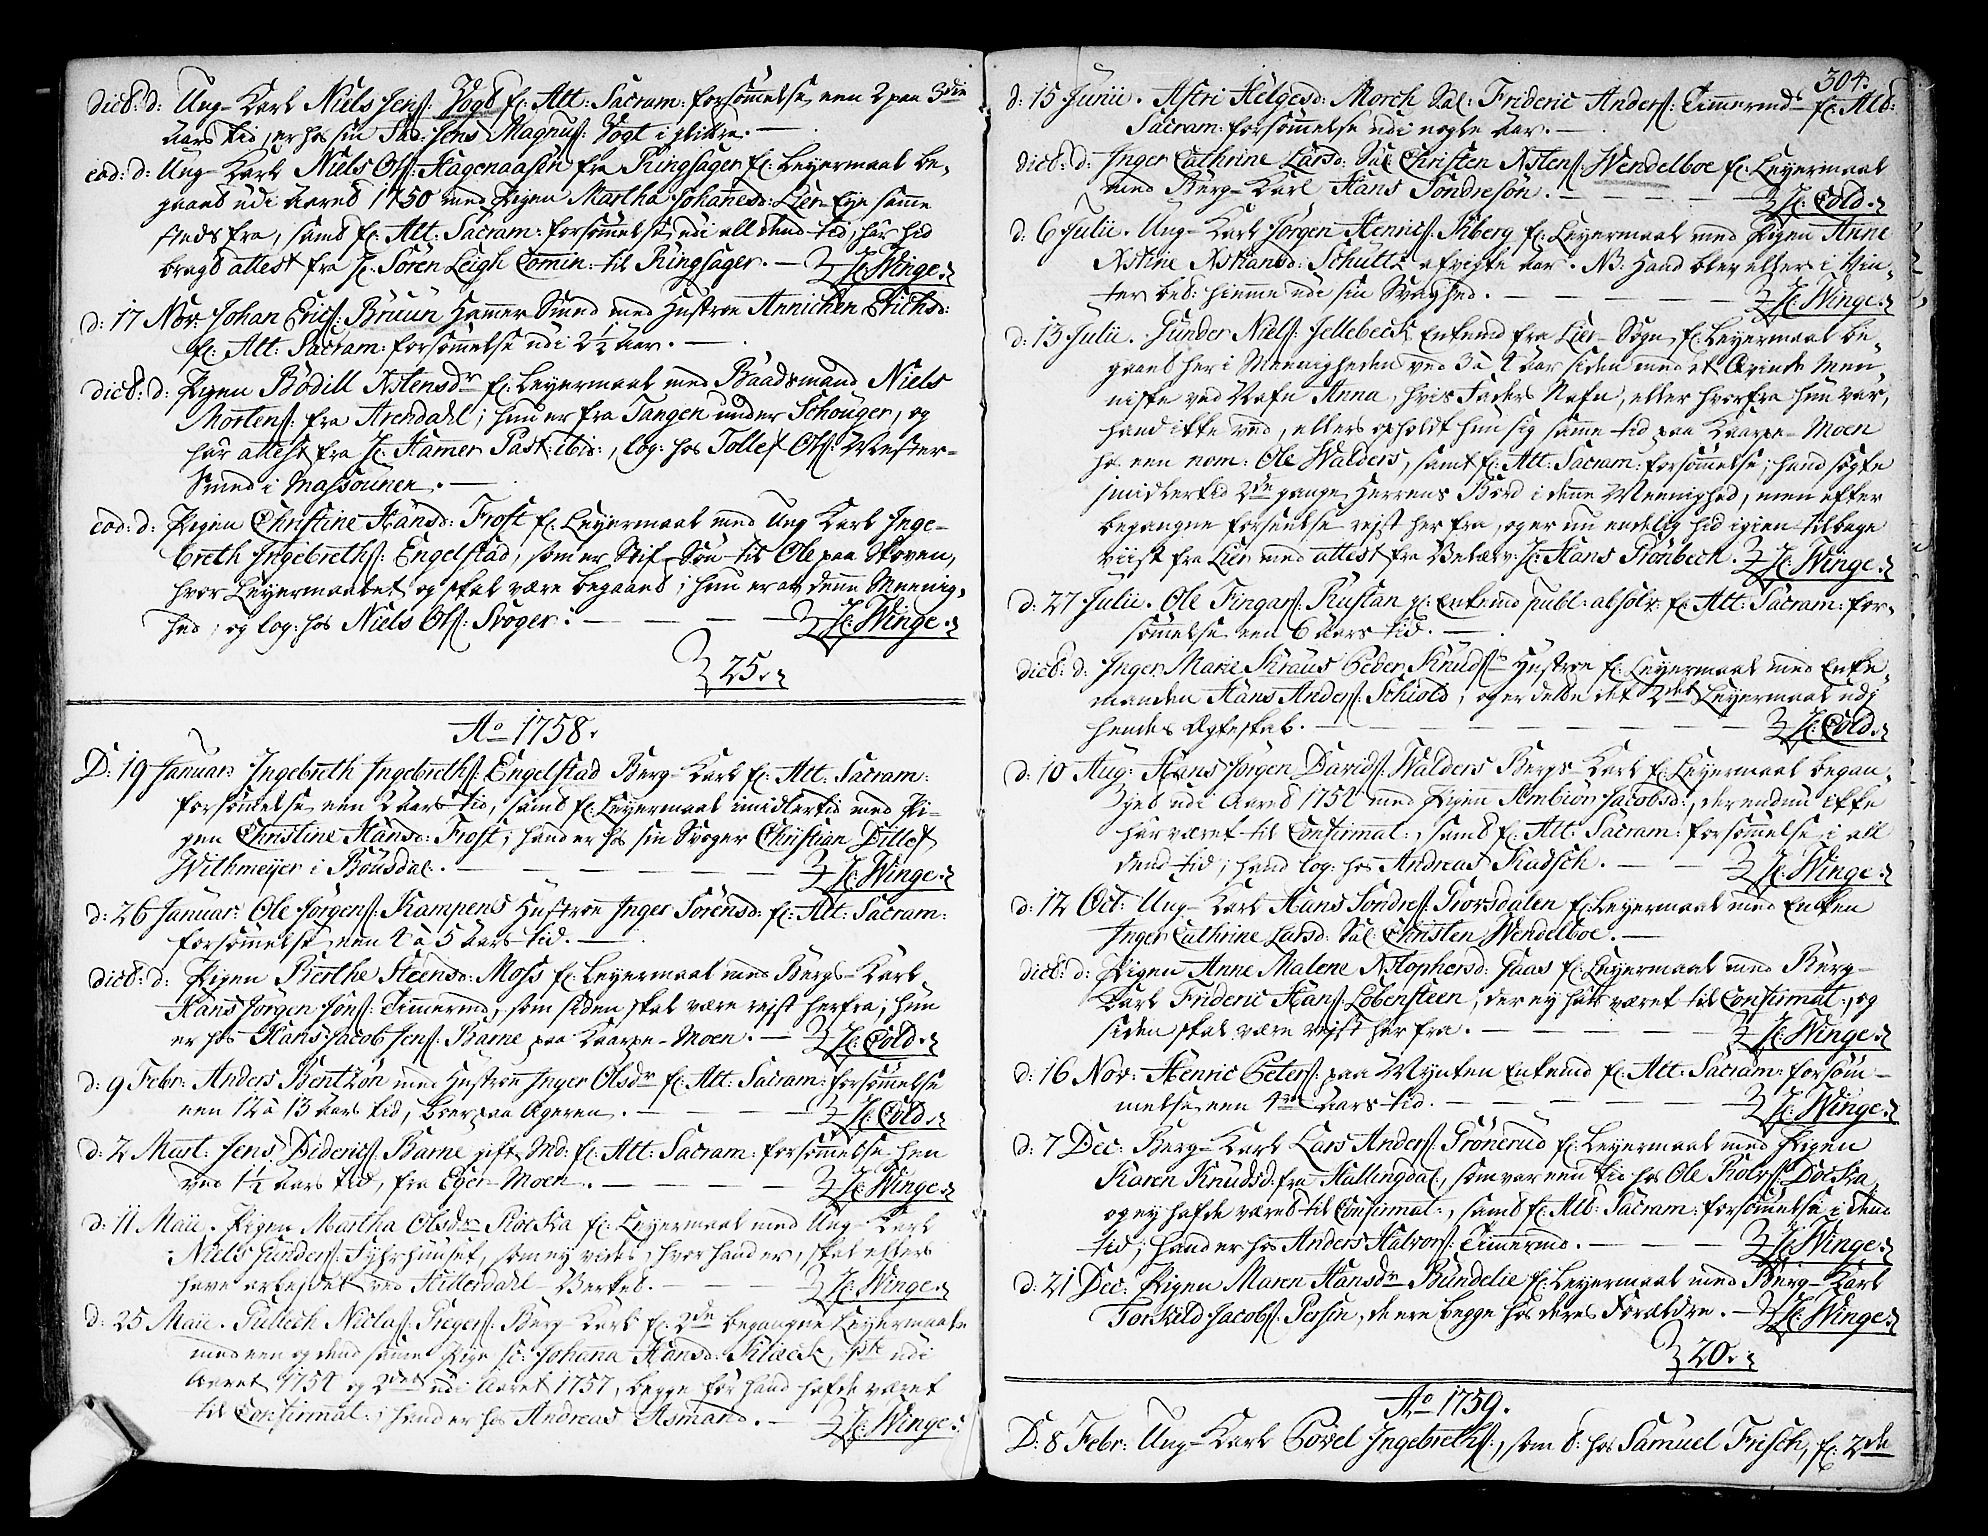 SAKO, Kongsberg kirkebøker, F/Fa/L0004: Ministerialbok nr. I 4, 1756-1768, s. 304